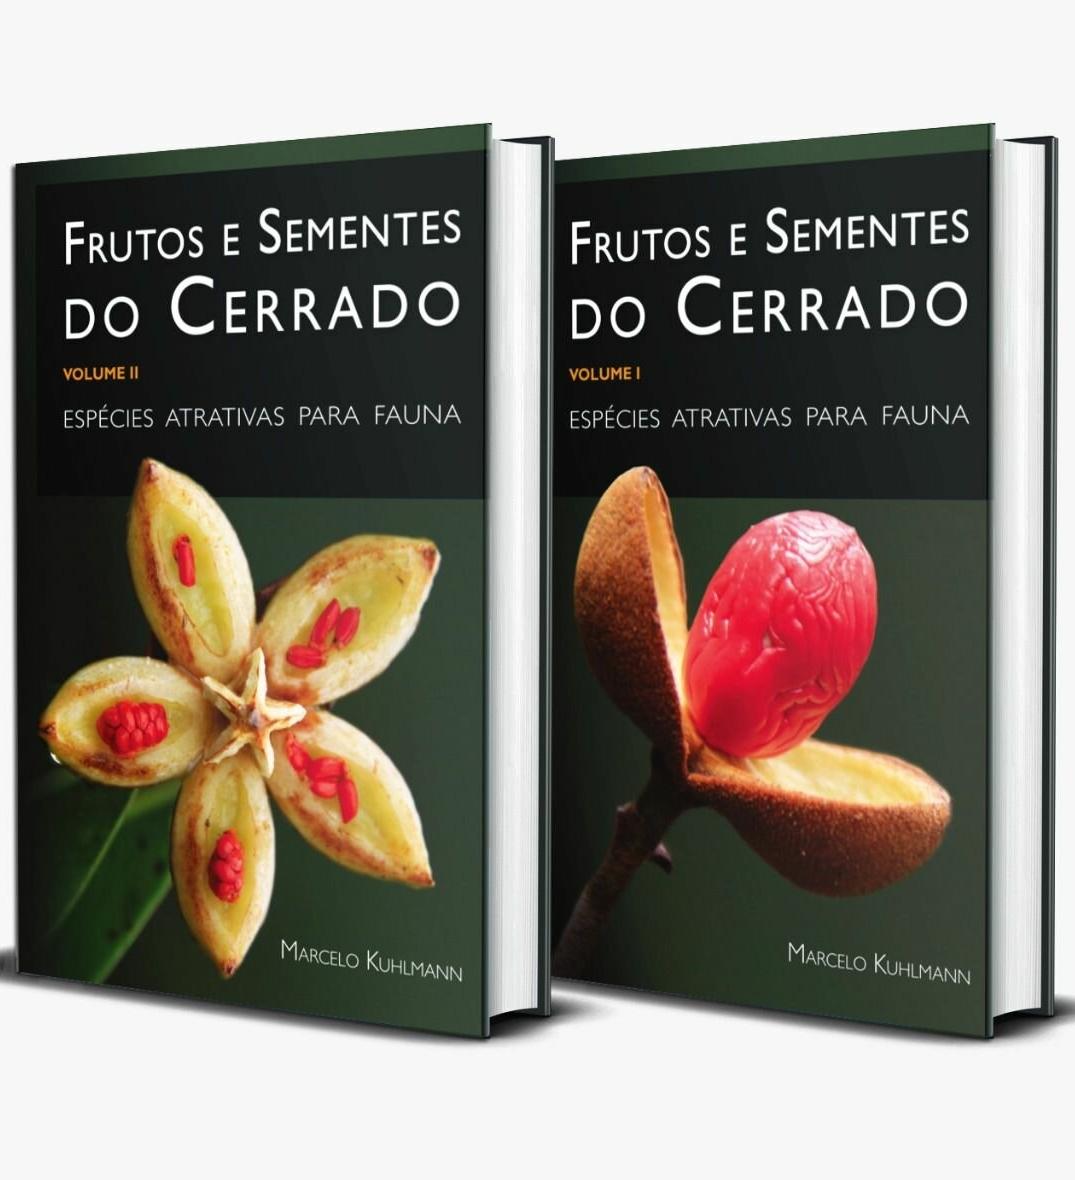 Kit Frutos e Sementes do Cerrado - Vols. 1 e 2